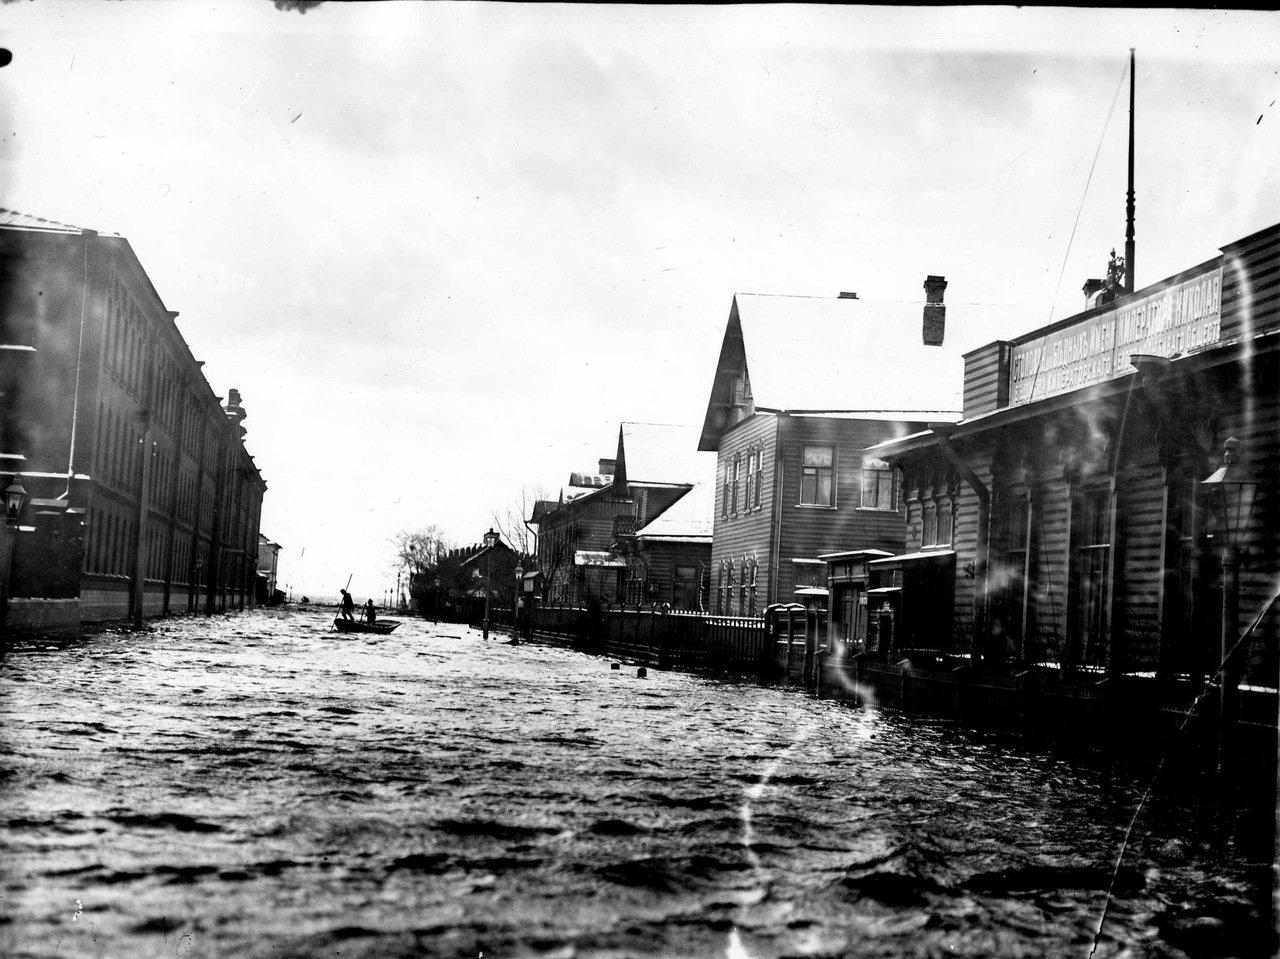 Наводнение. Бол. проспект Васильевского острова. 1903 г.